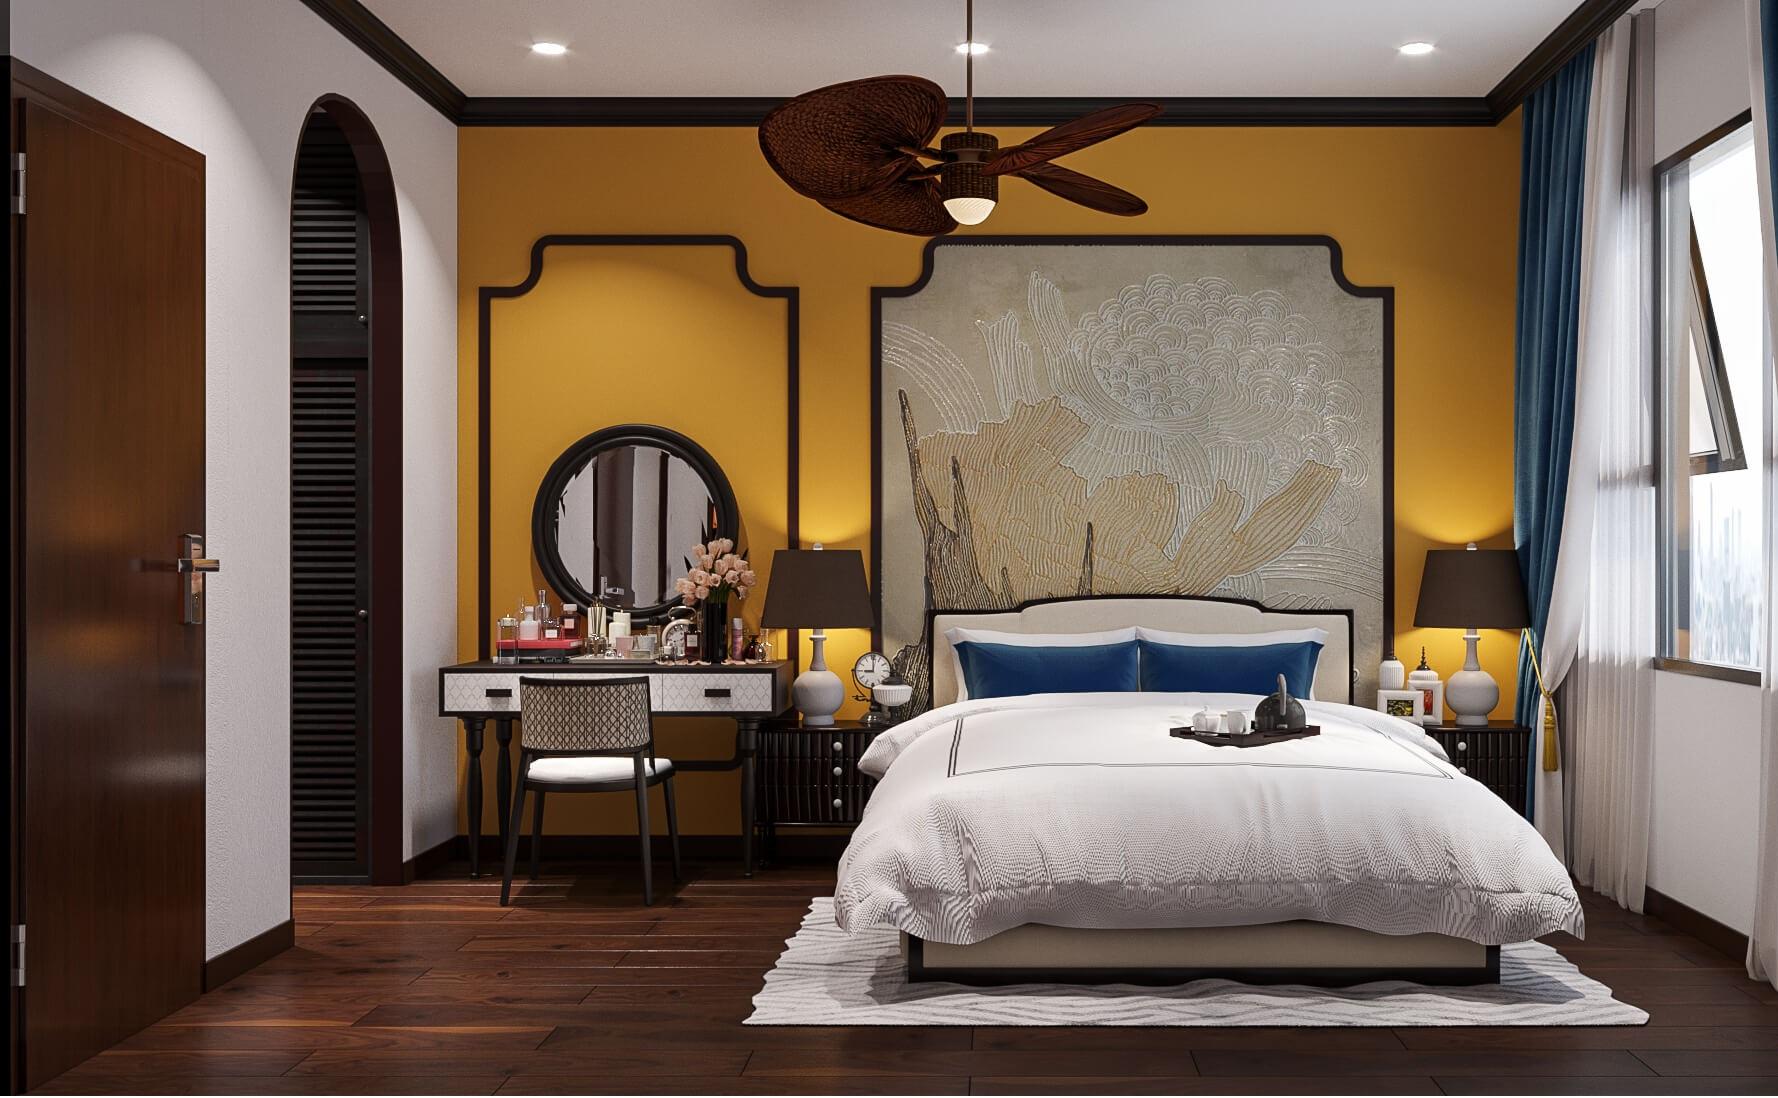 Thiết kế nội thất phòng ngủ sang trọng và ấn tượng, mang đậm phong cách Á Đông